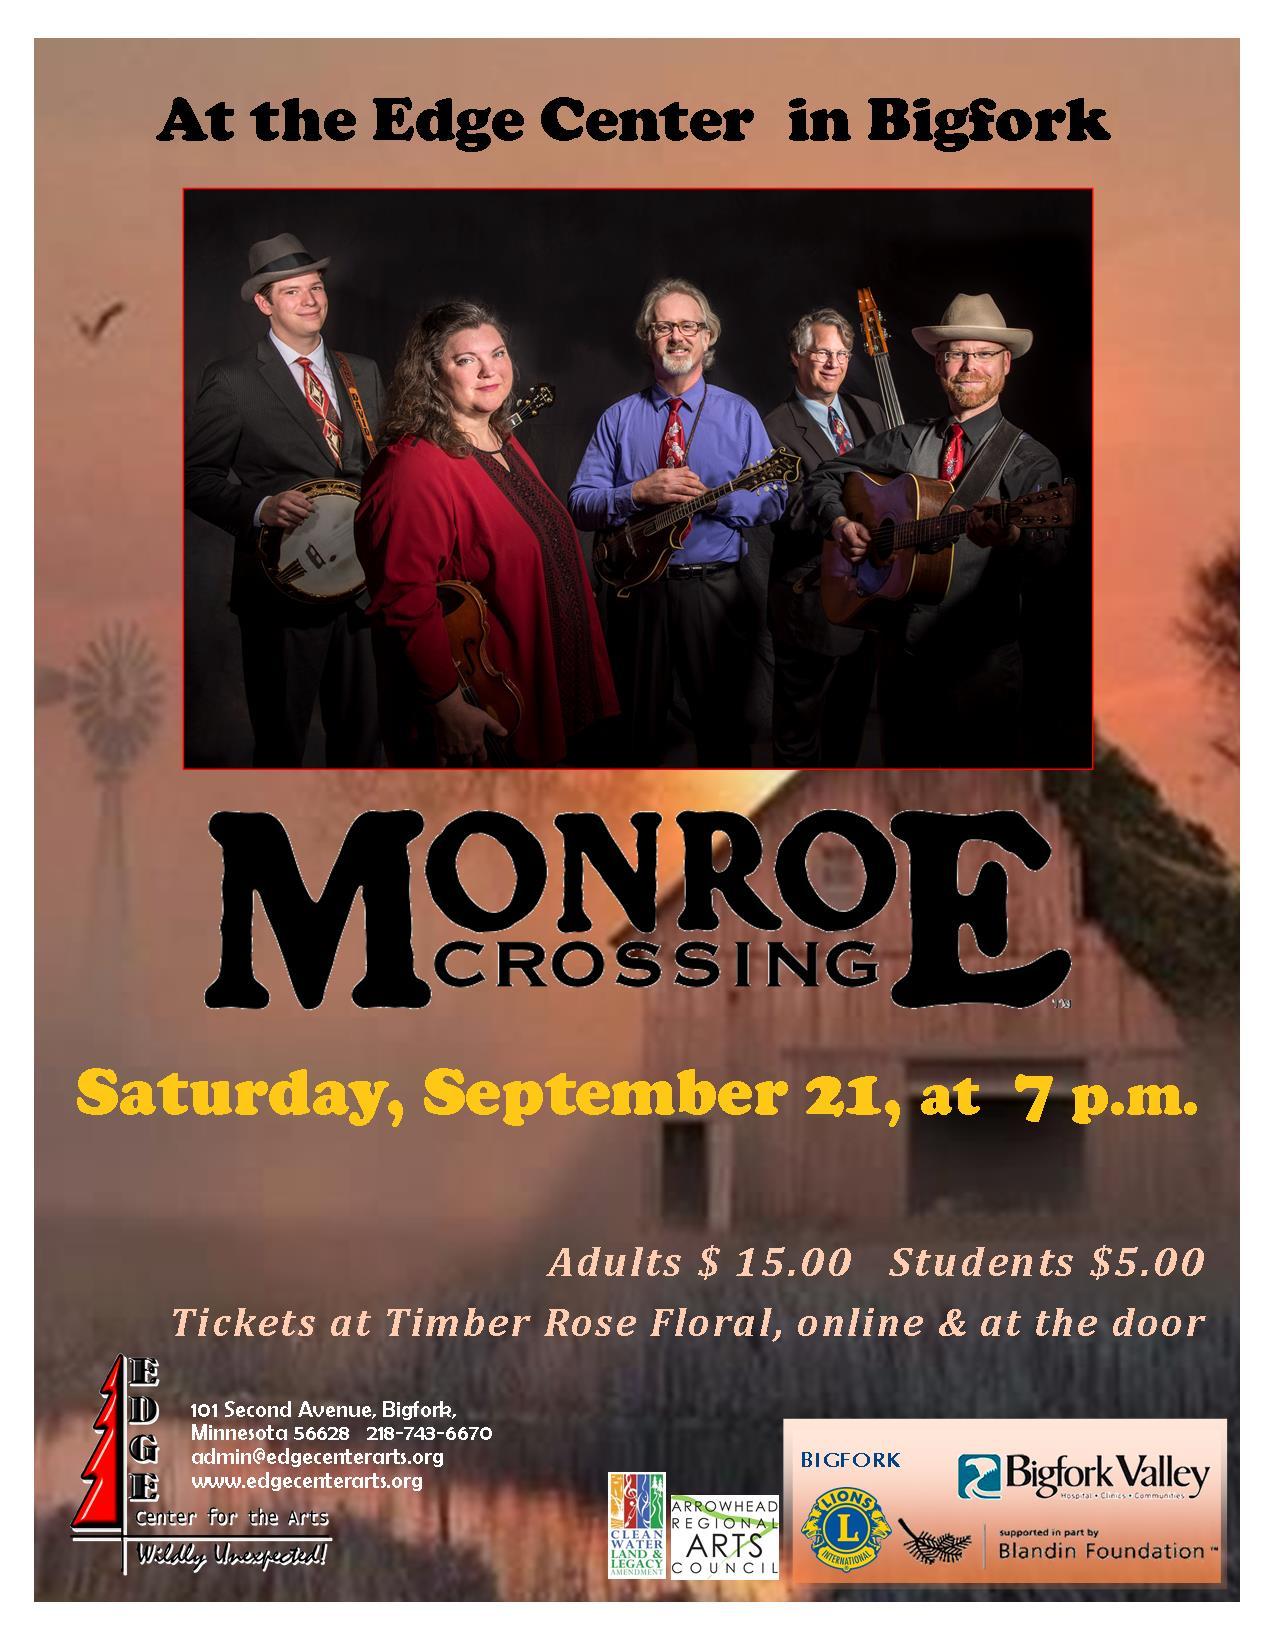 2019 Monroe Crossing Poster.jpg